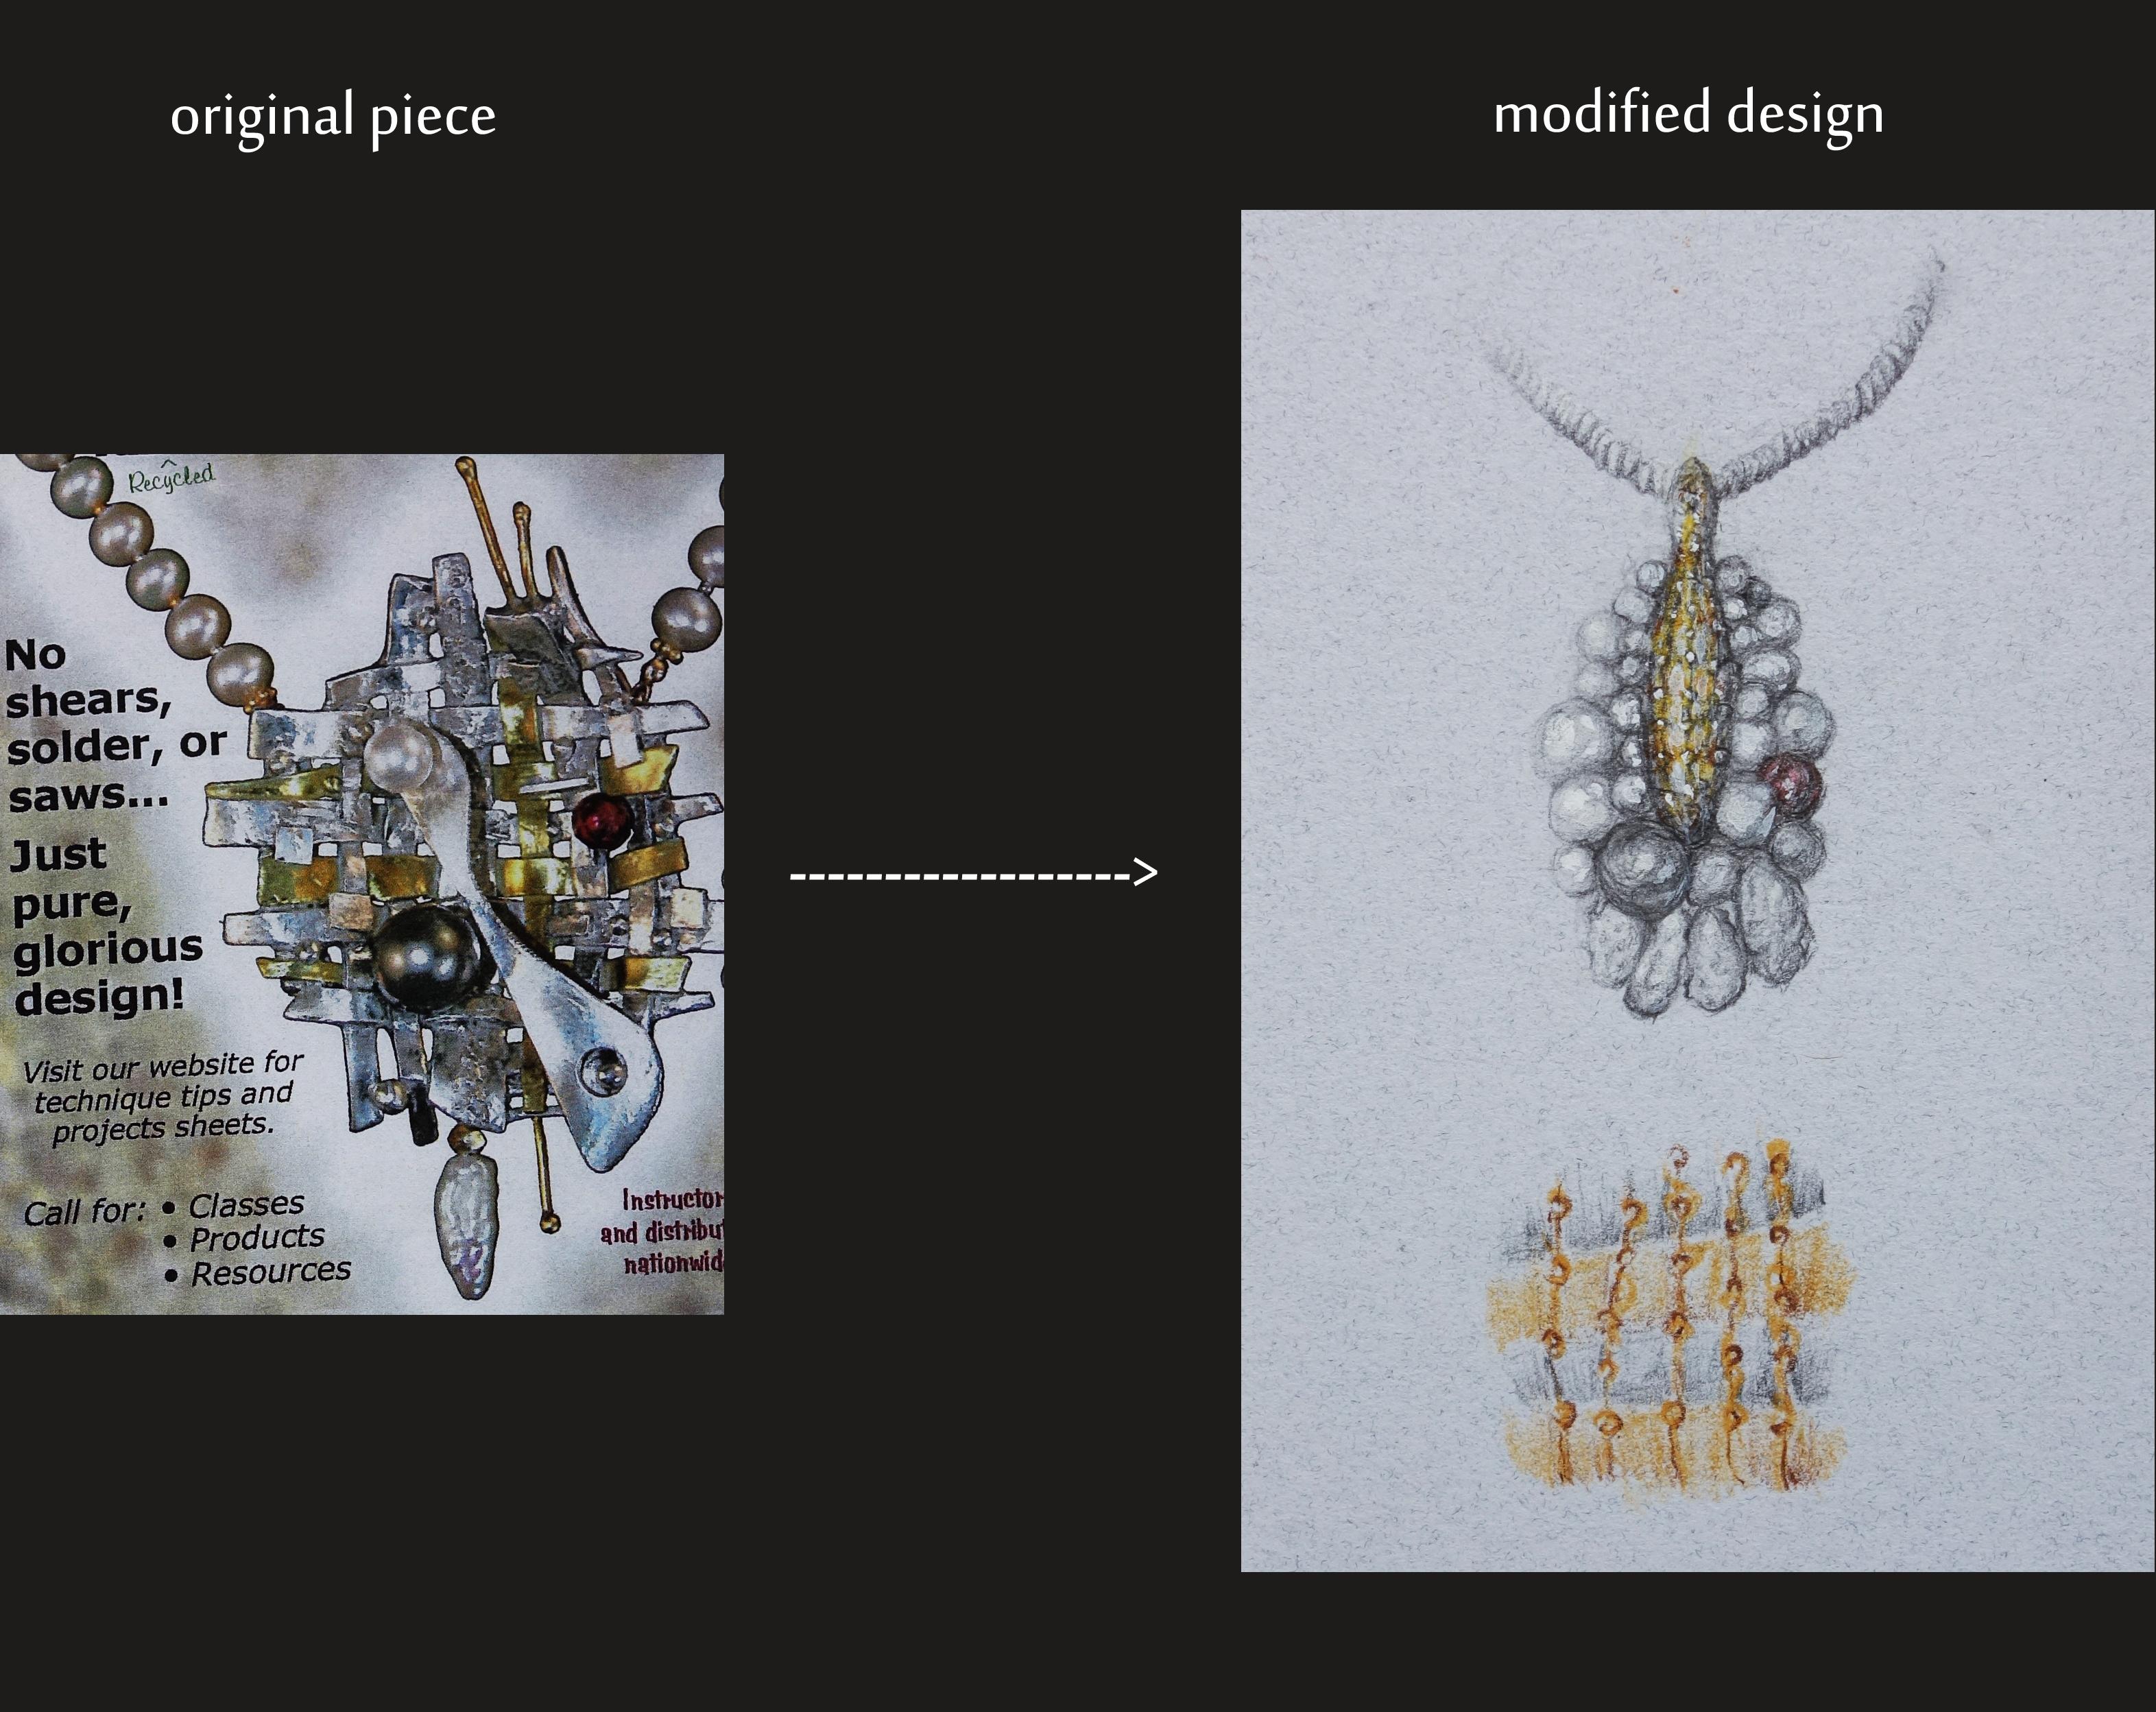 Recreate Design